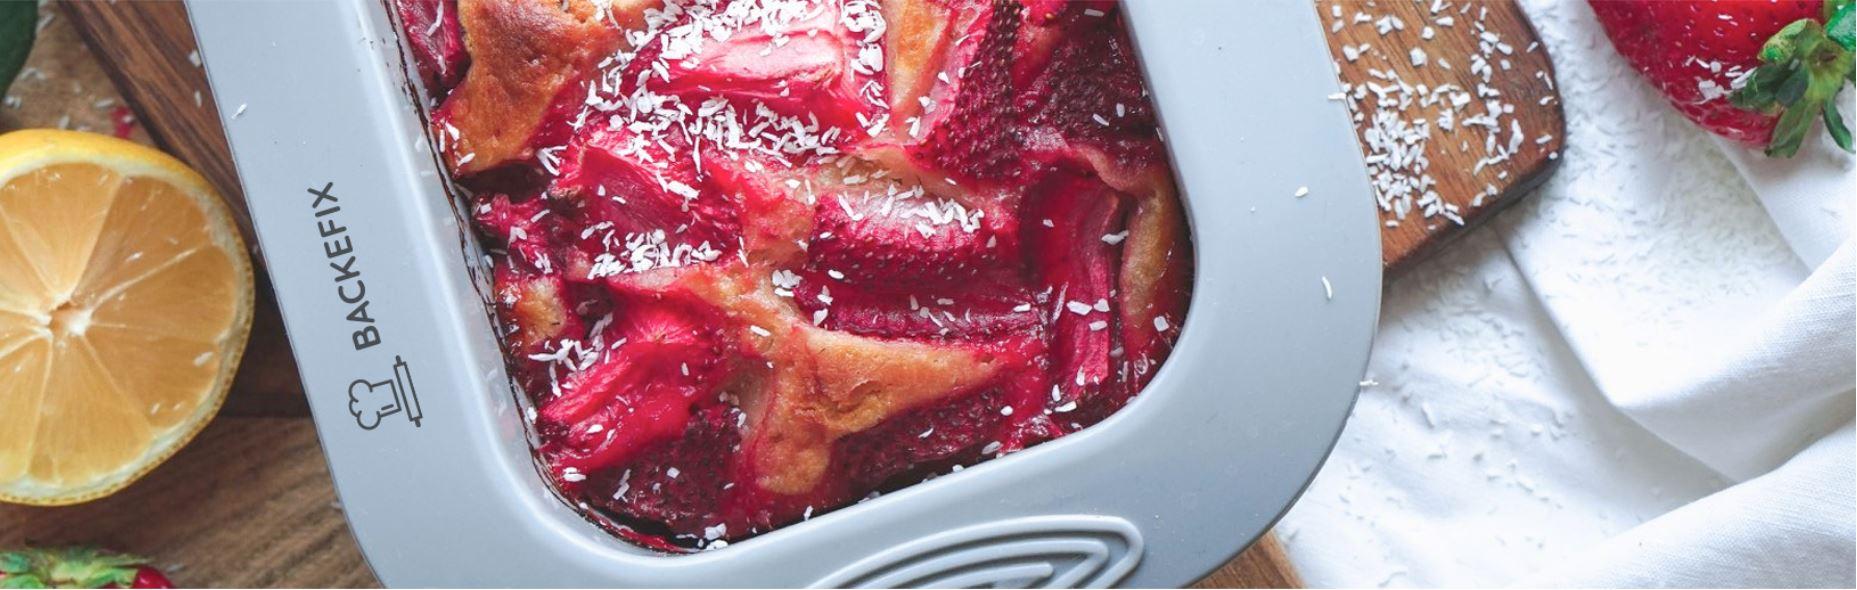 Backefix Silikon kuchenform Erdbeer kastenkuchen